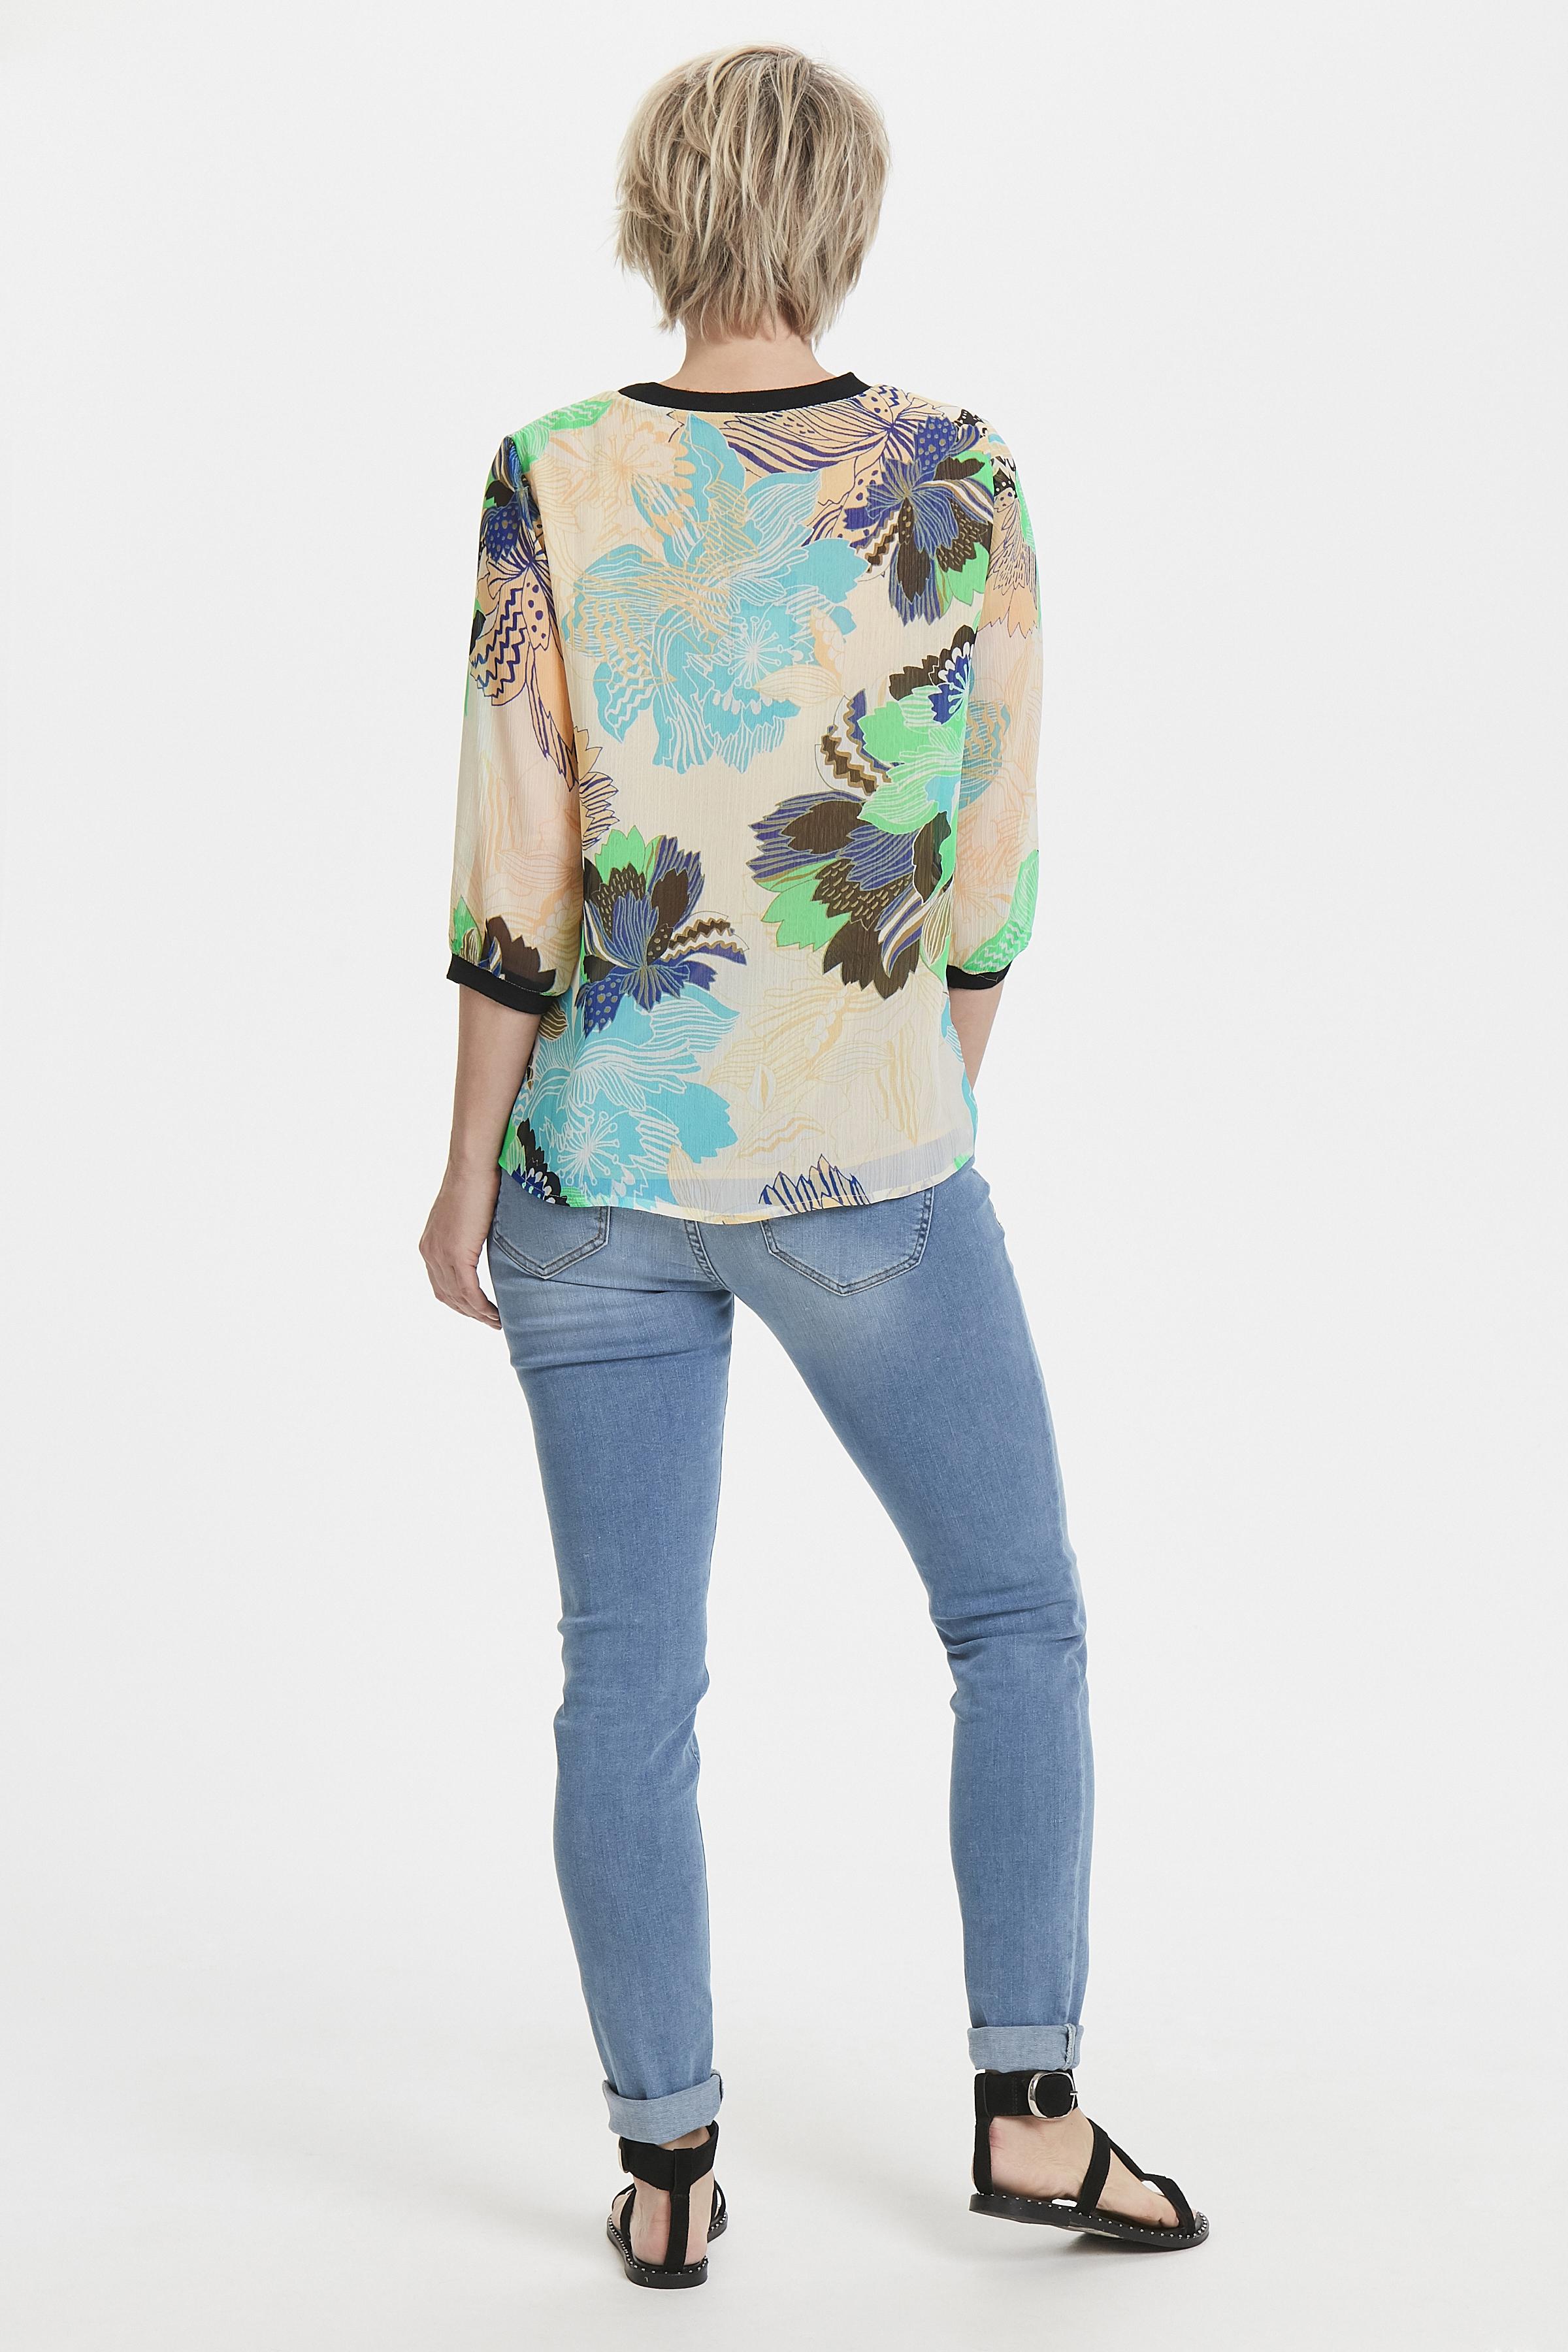 Lichtzand/blauw Shirt van Pulz Jeans – Door Lichtzand/blauw Shirt van maat. XS-XXL hier